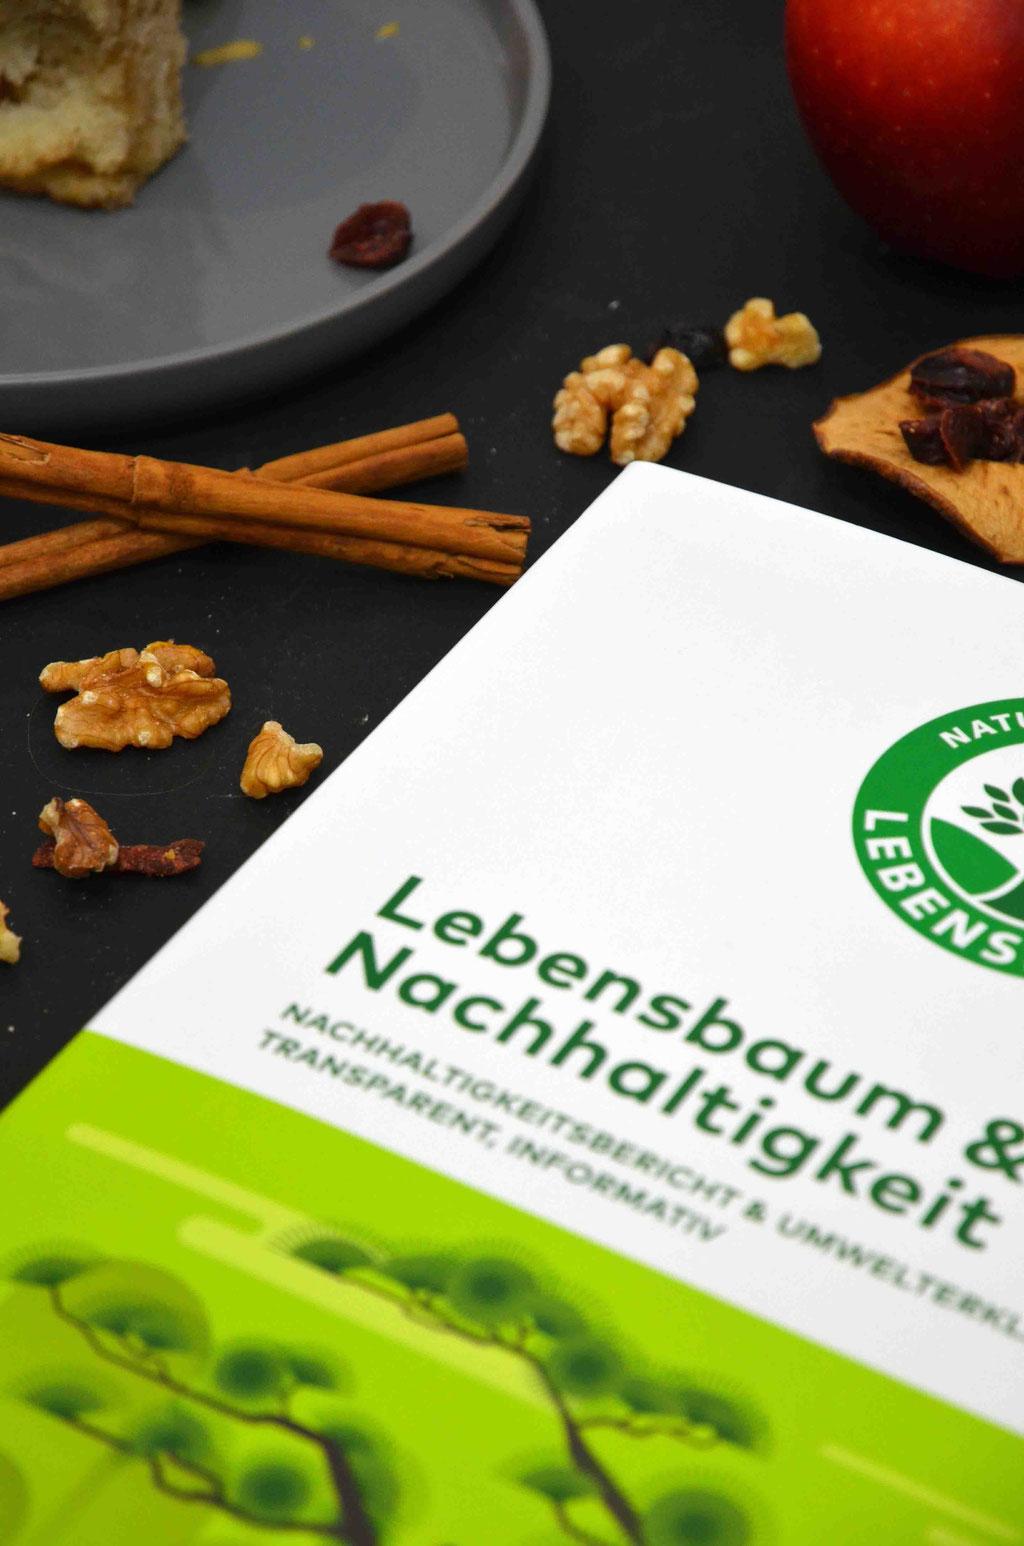 Lebensbaum & Nachhaltigkeit: Der neue Nachhaltigkeitsbericht von Lebensbaum zeigt sehr ausführlich und transparent, wie sich die Marke schon sehr lange nachhaltig engagiert.